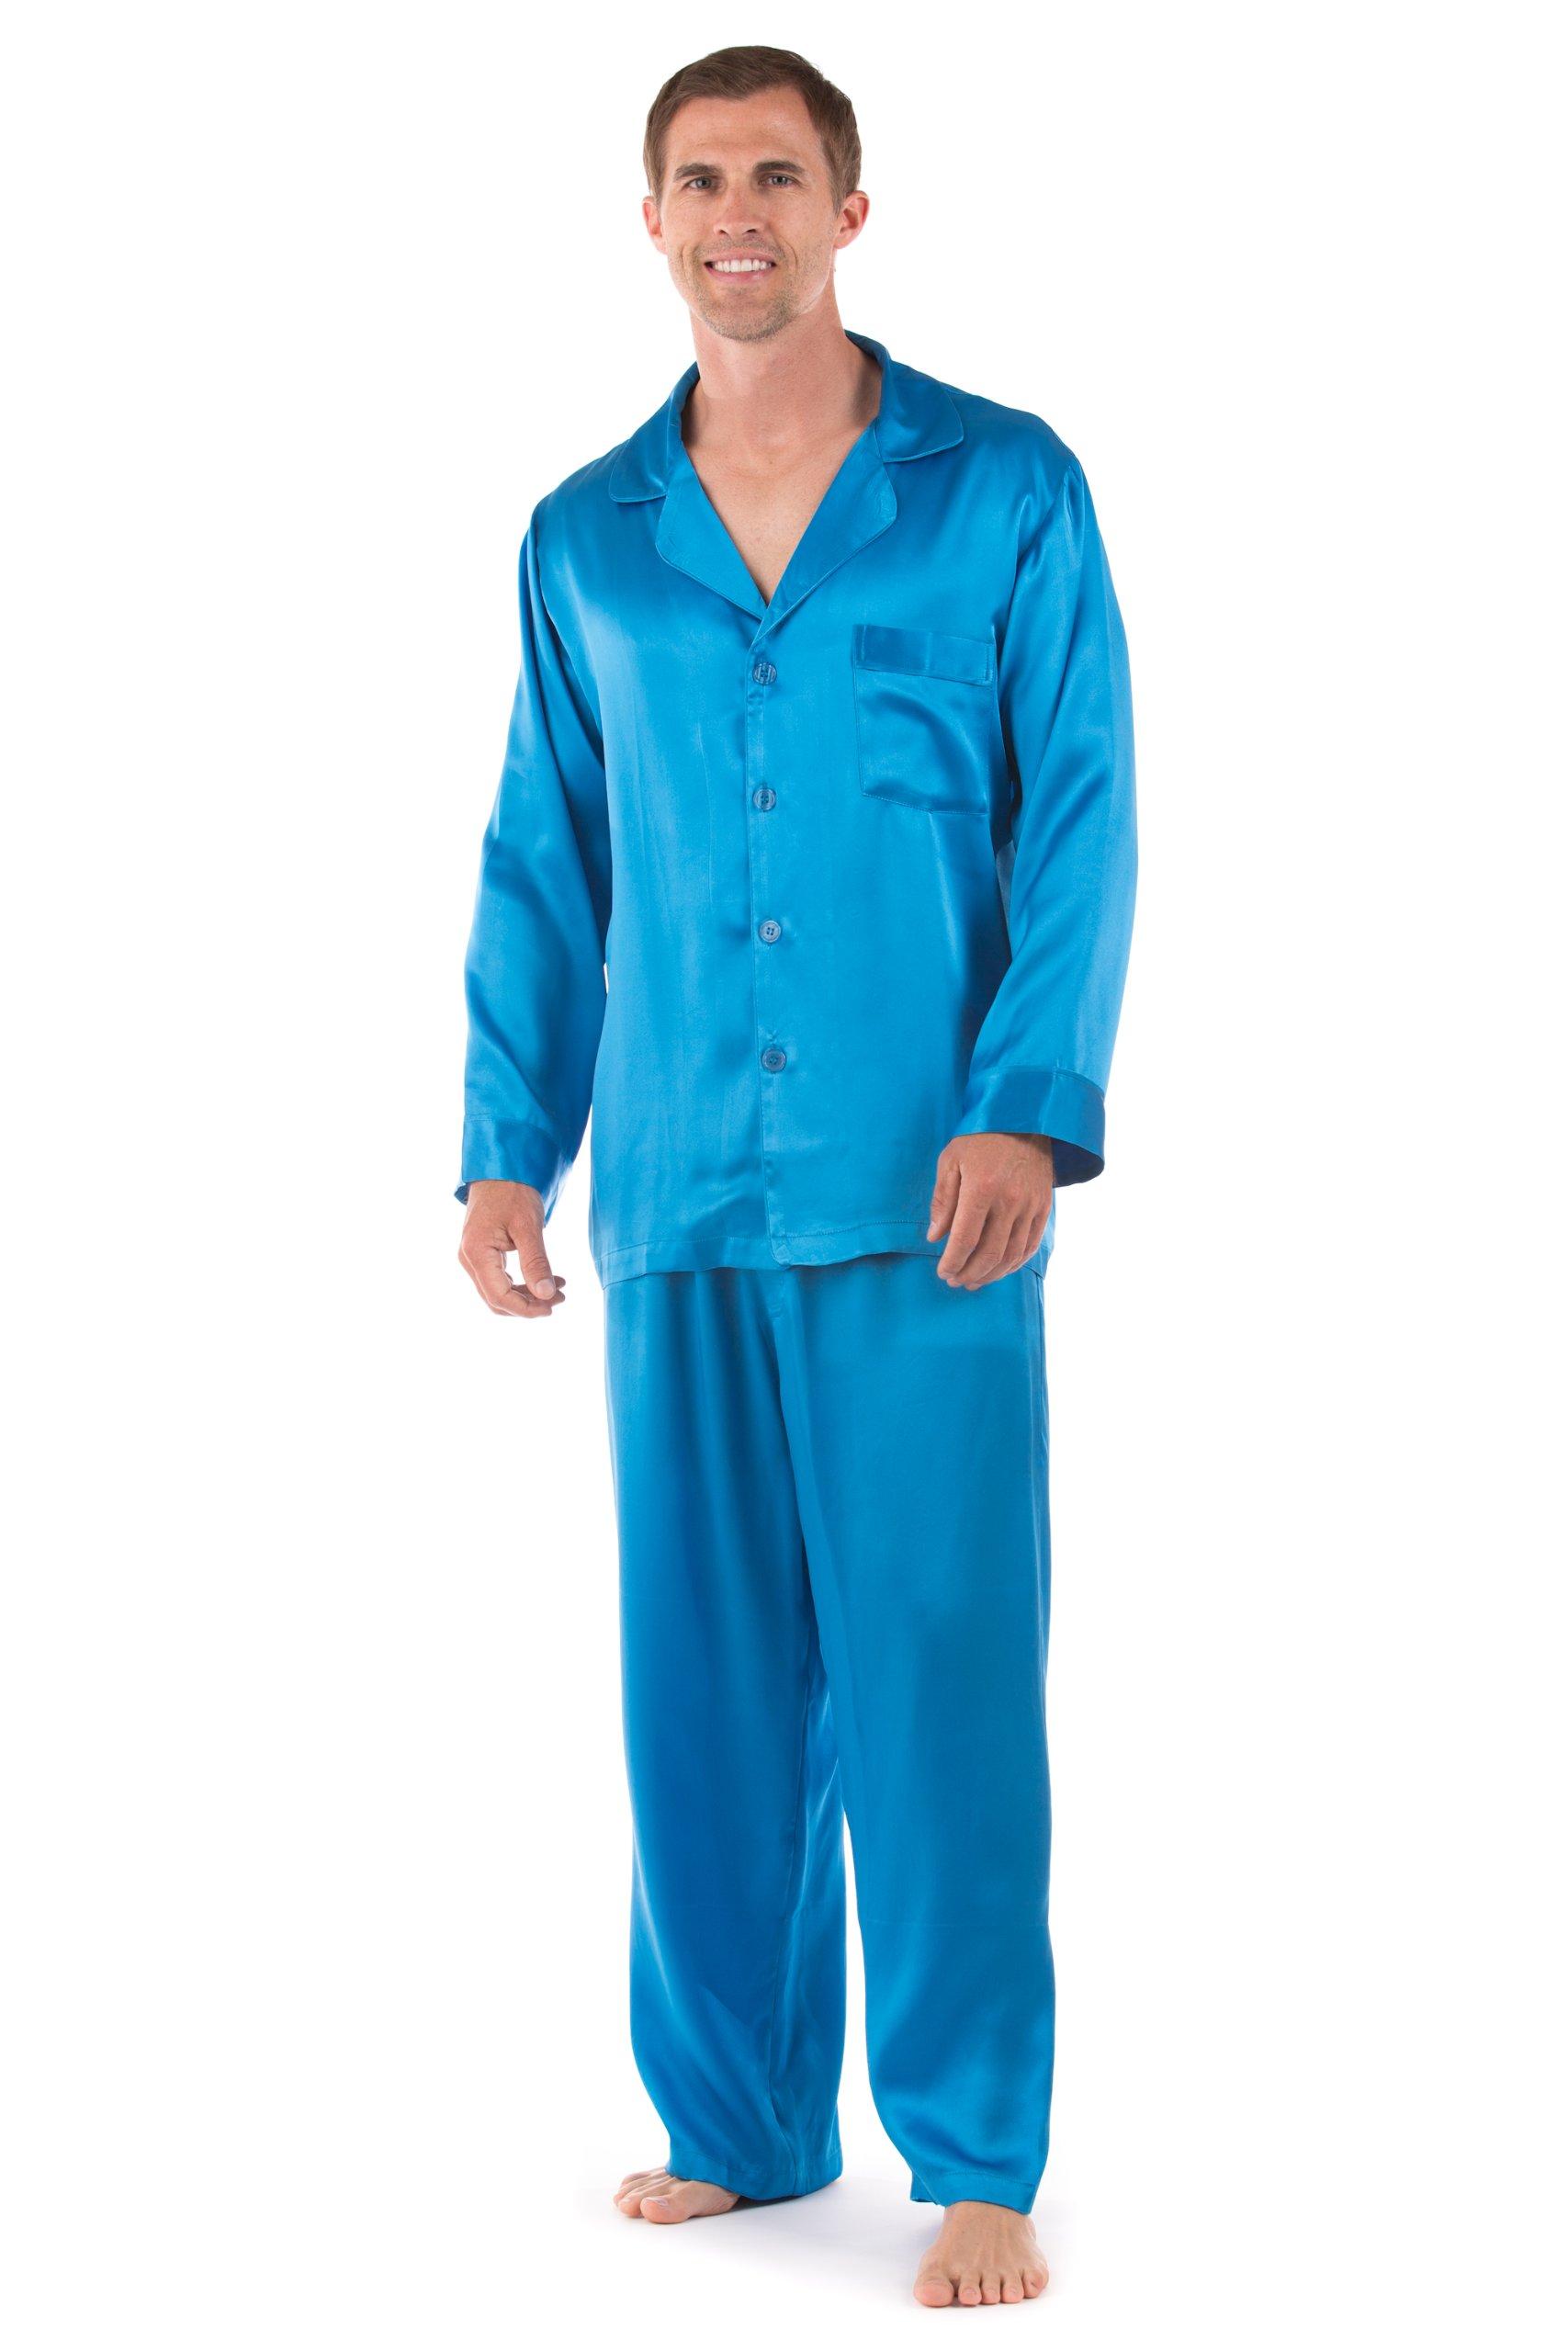 TexereSilk Men's 100% Silk Pajama Set - Luxury Nightwear Pajamas by (Milaroma, Swedish Blue, Large) Cool Gifts for Men MS0001-SWB-L